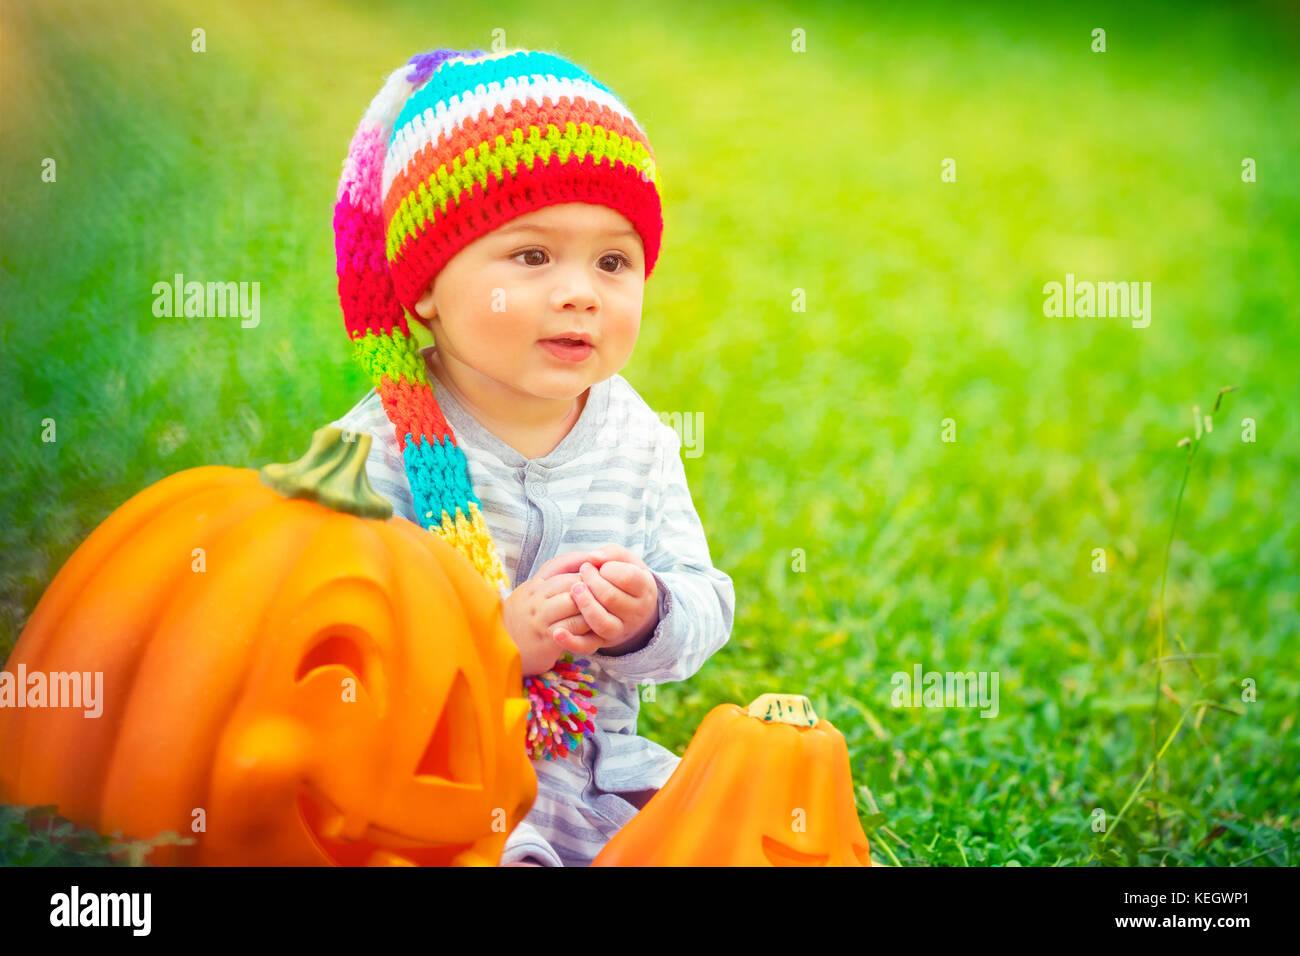 Retrato de una hermosa niña celebrando la fiesta de Halloween, fiesta americana tradicional con las tradicionales Imagen De Stock